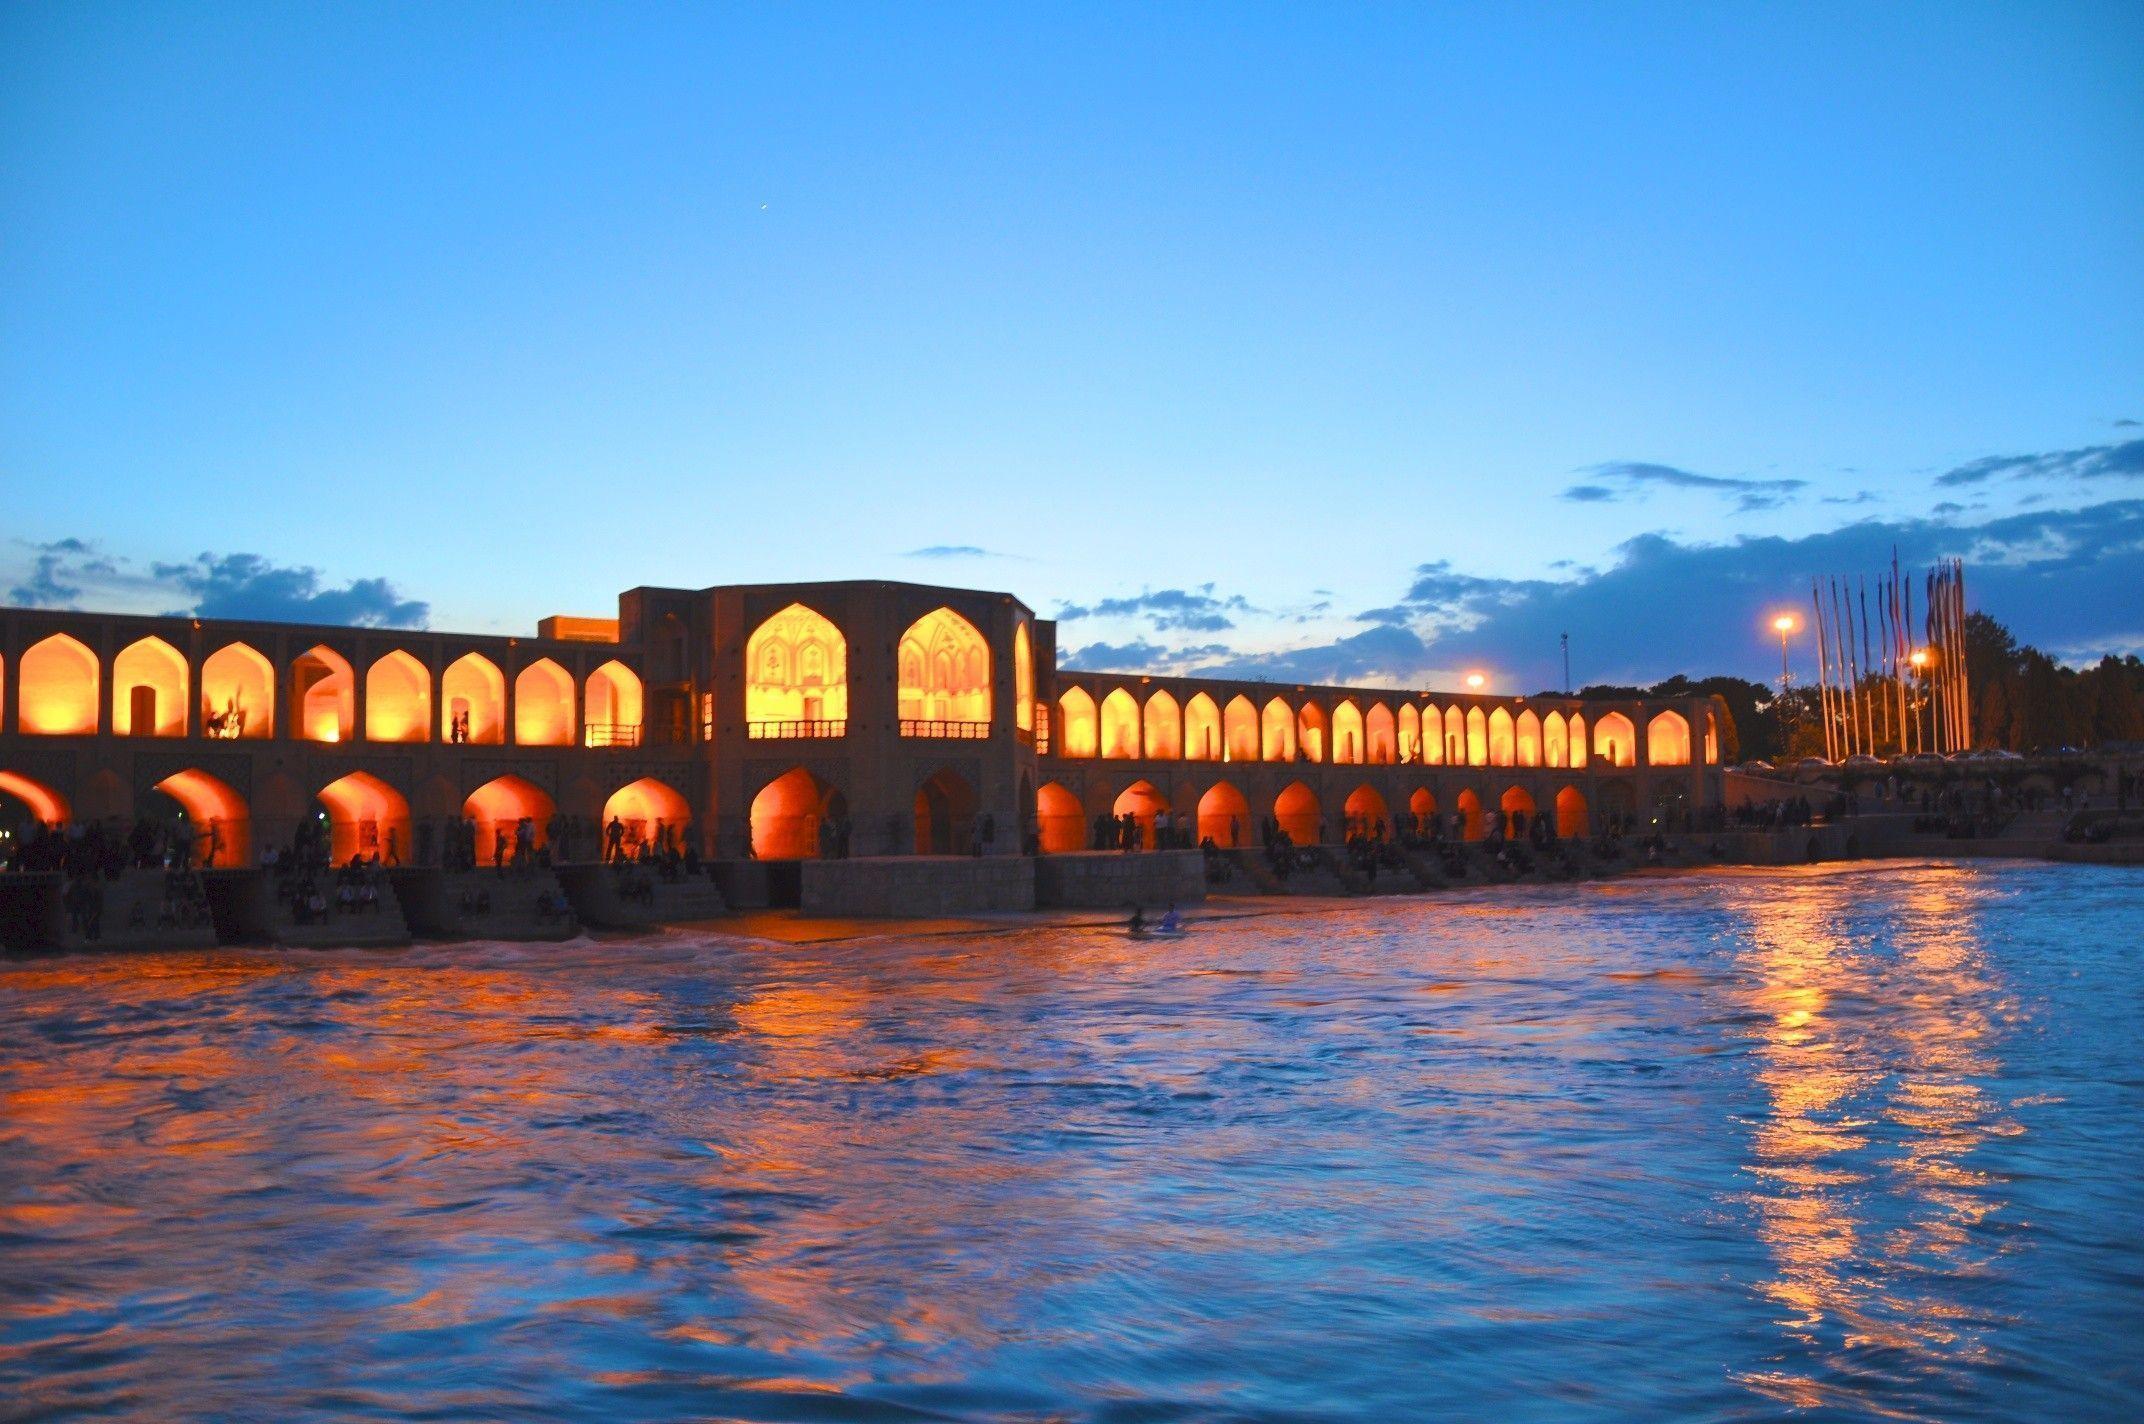 Khajou_Bridge